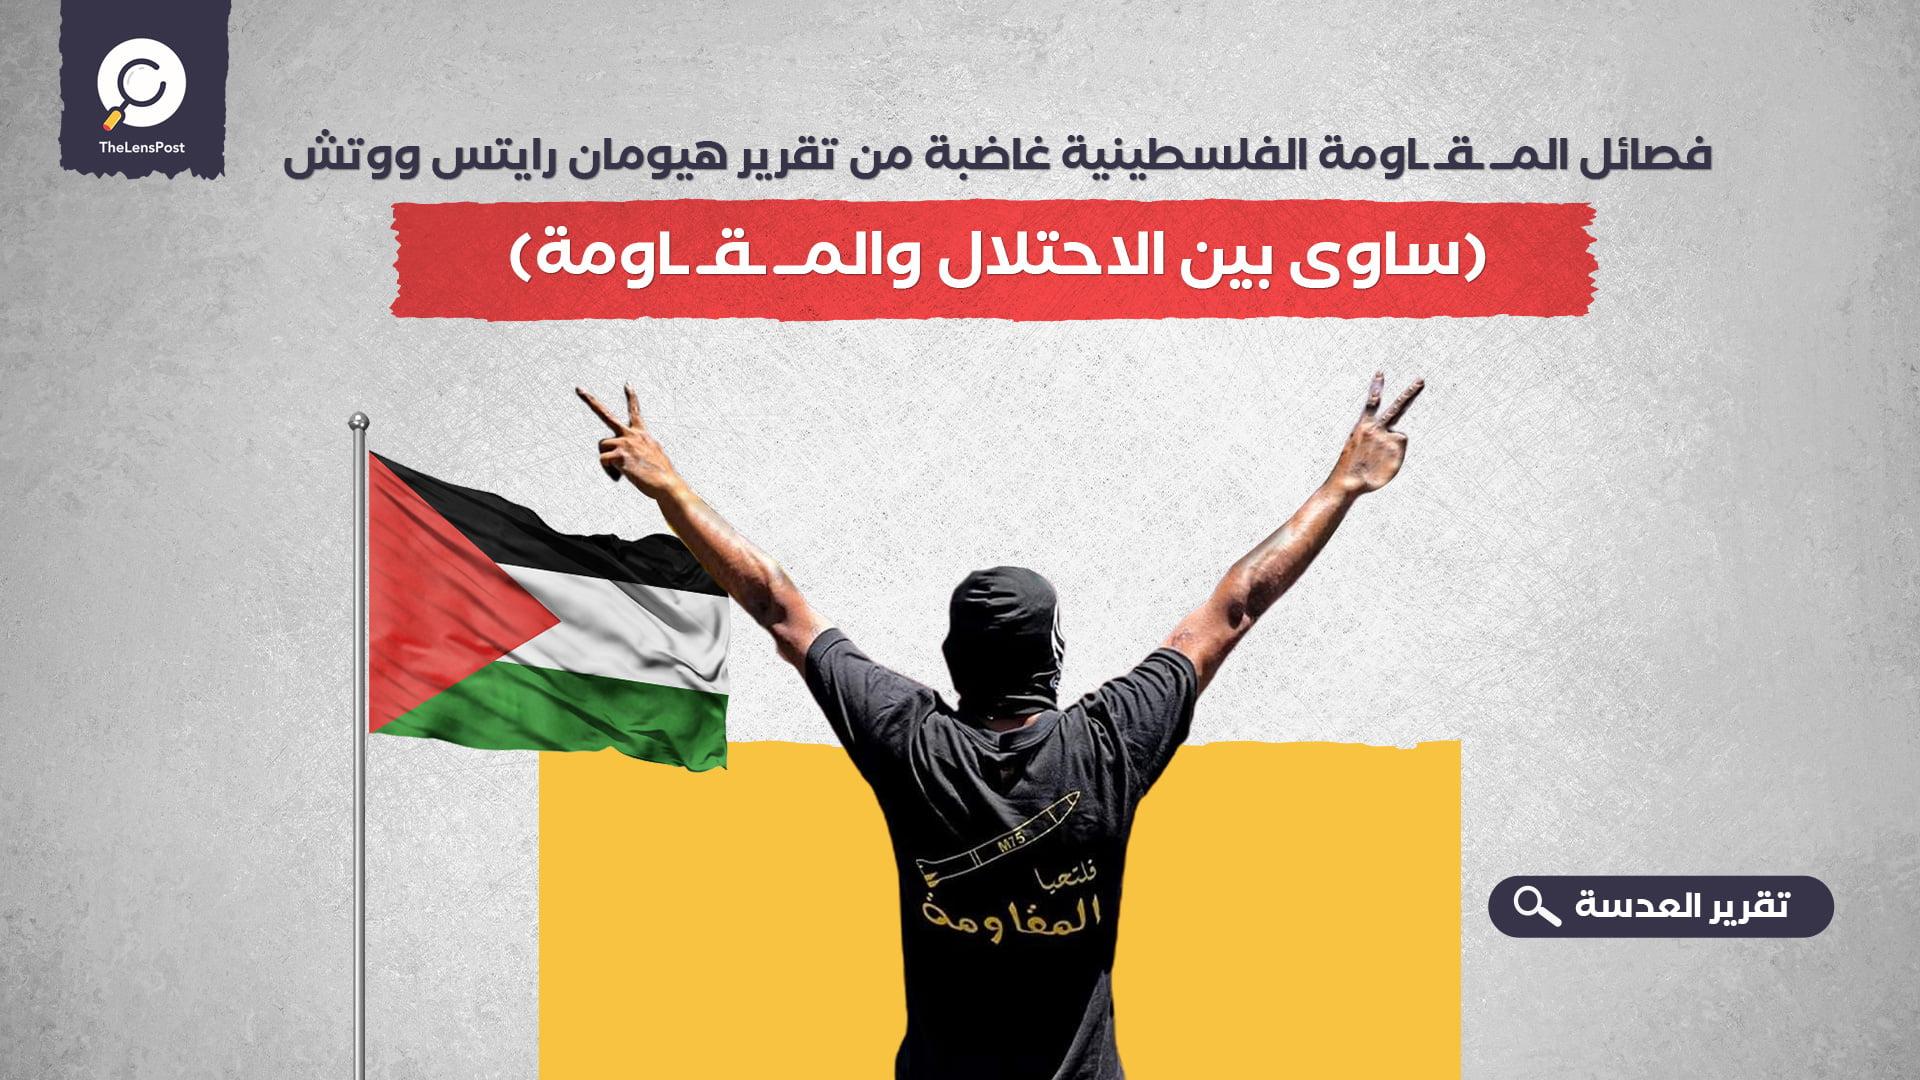 فصائل المقاومة الفلسطينية غاضبة من تقرير هيومان رايتس ووتش